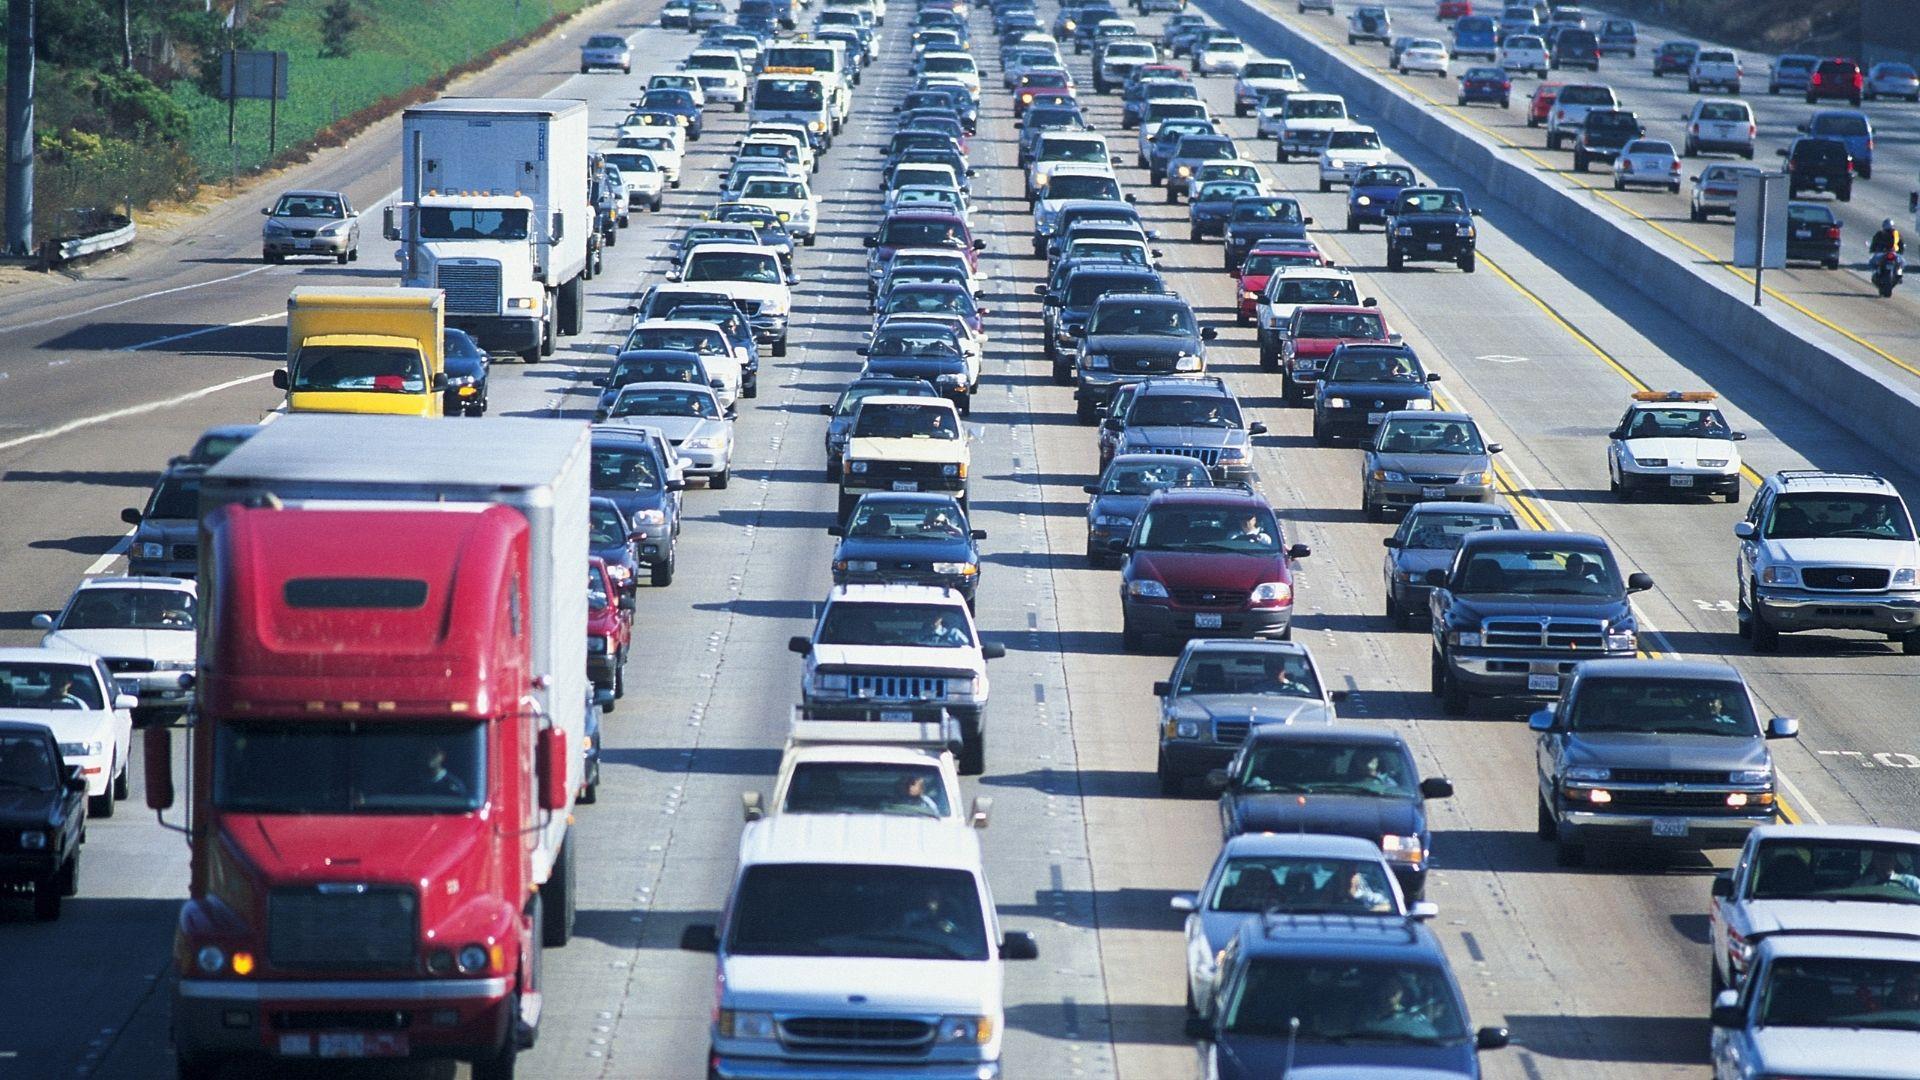 O que podemos aprender com o trânsito na Europa?